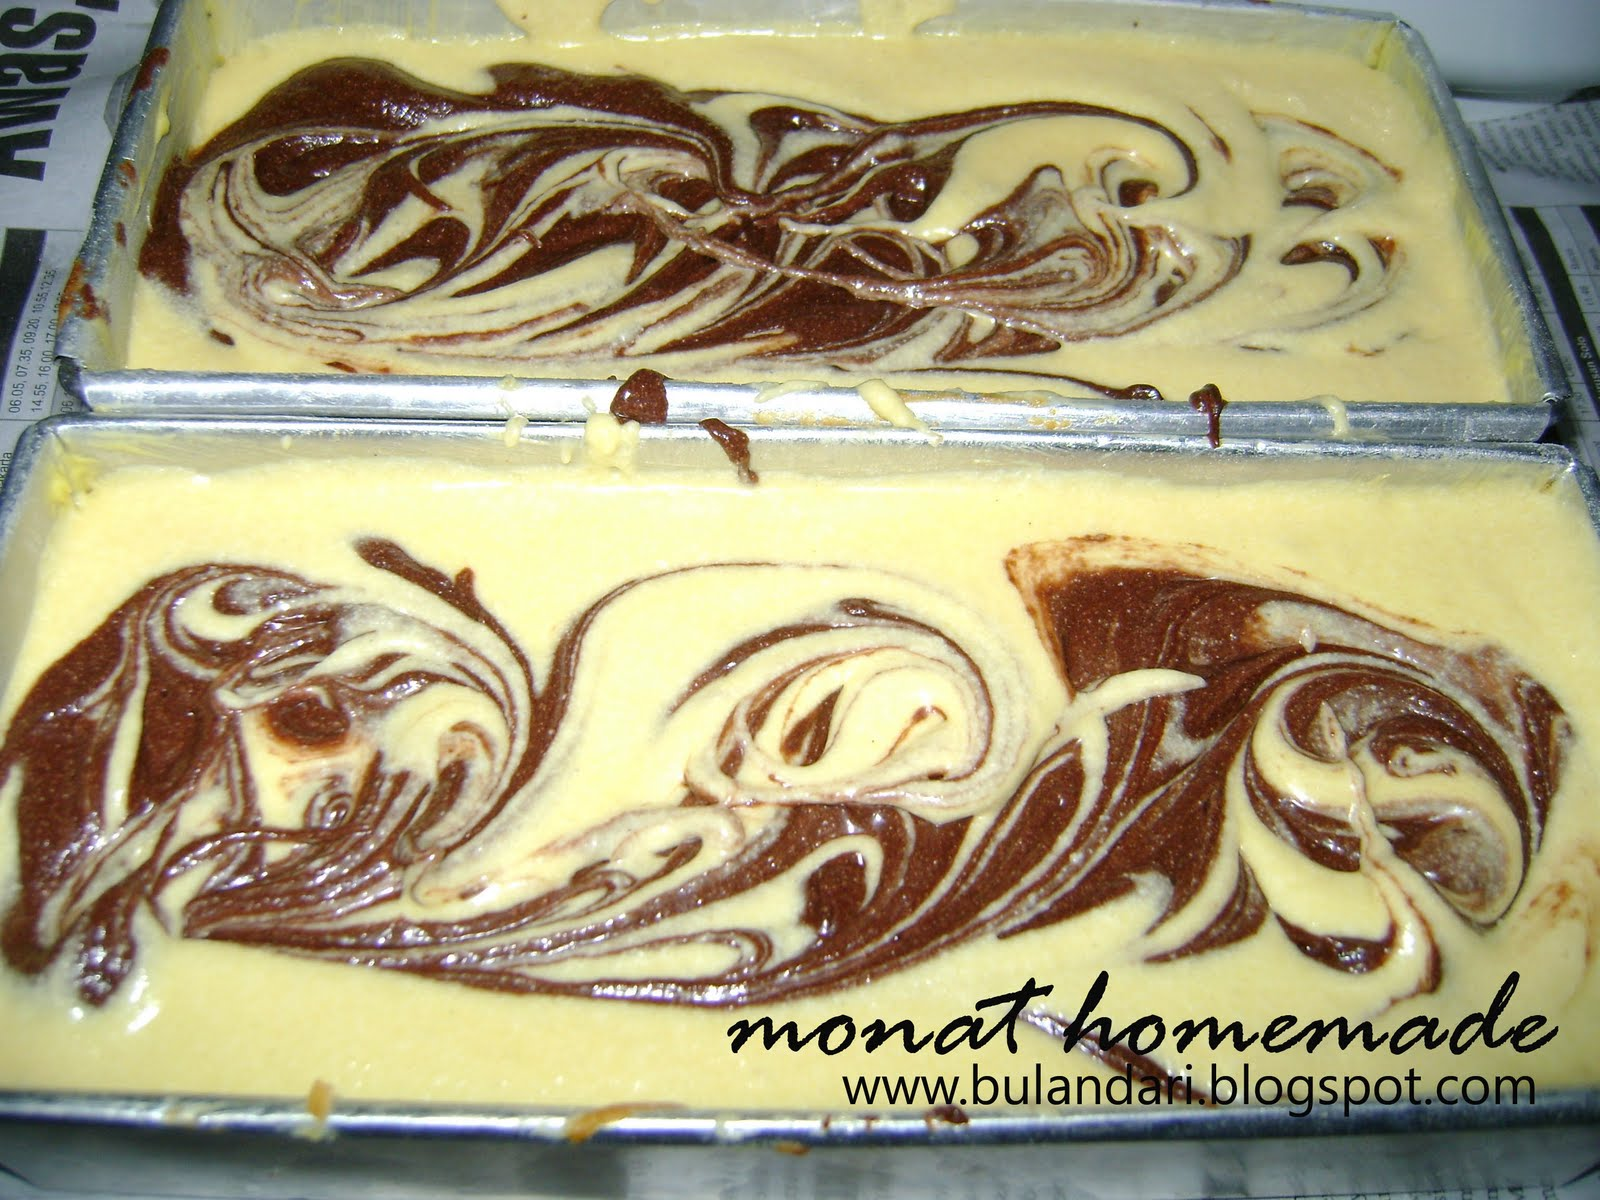 begini penampakan cake marmer sebelum dioven